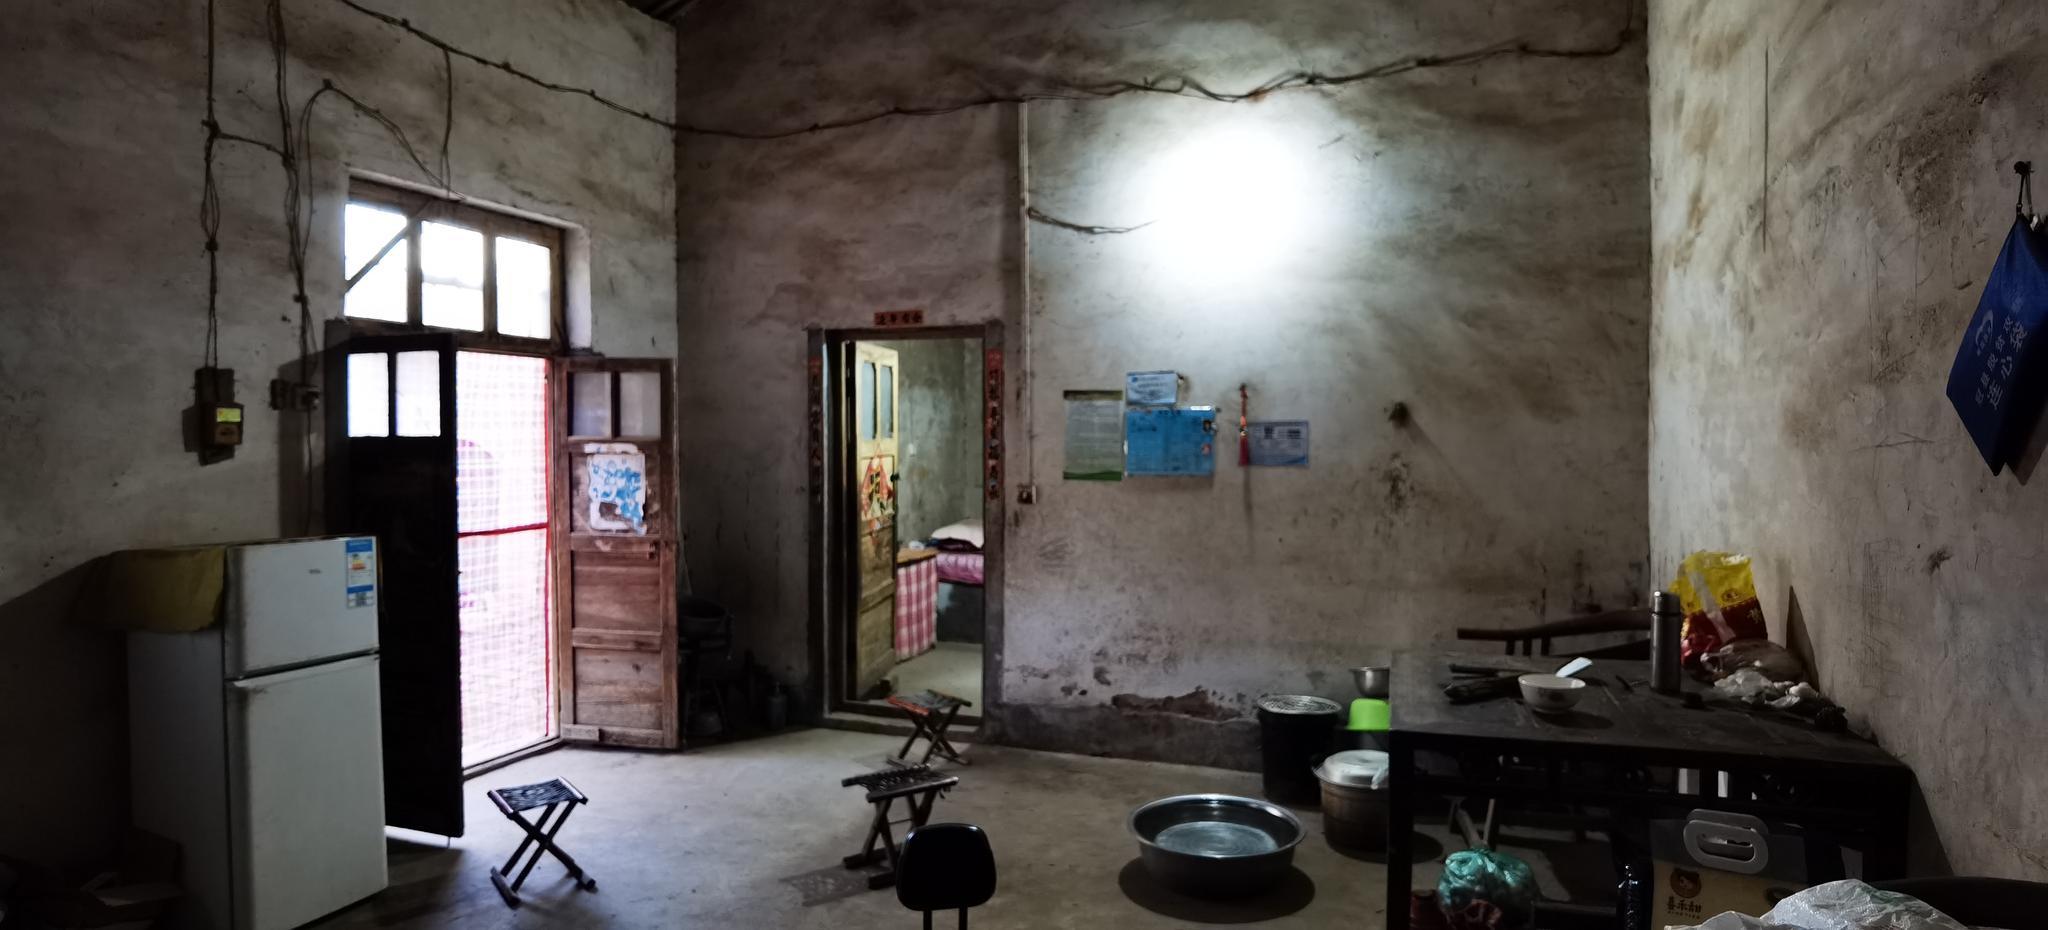 山东被冒名顶替的农家女家庭贫困 为当地扶贫对象